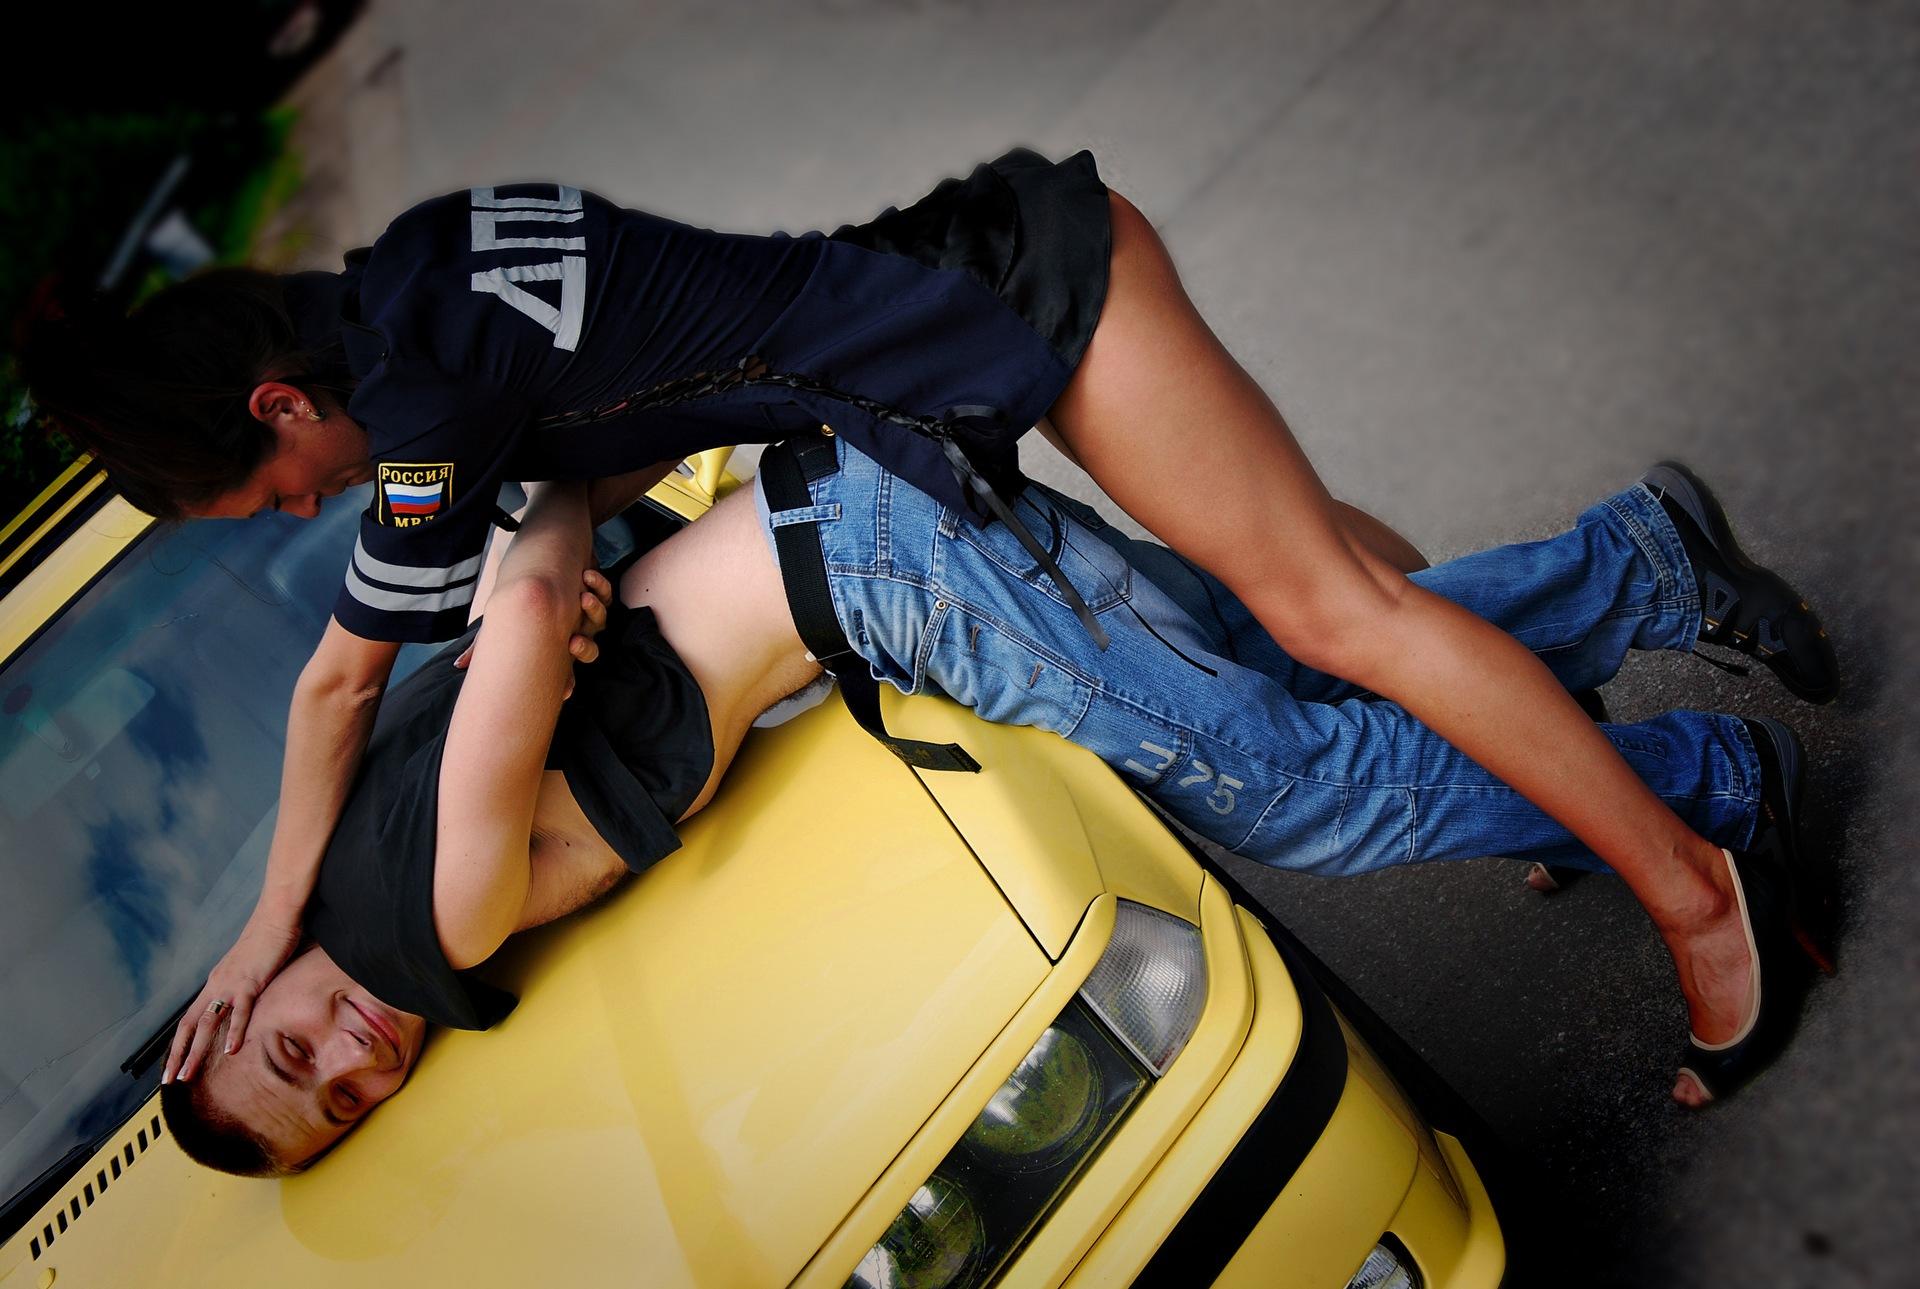 Порно трахнул полицейскую дежурную в попу171